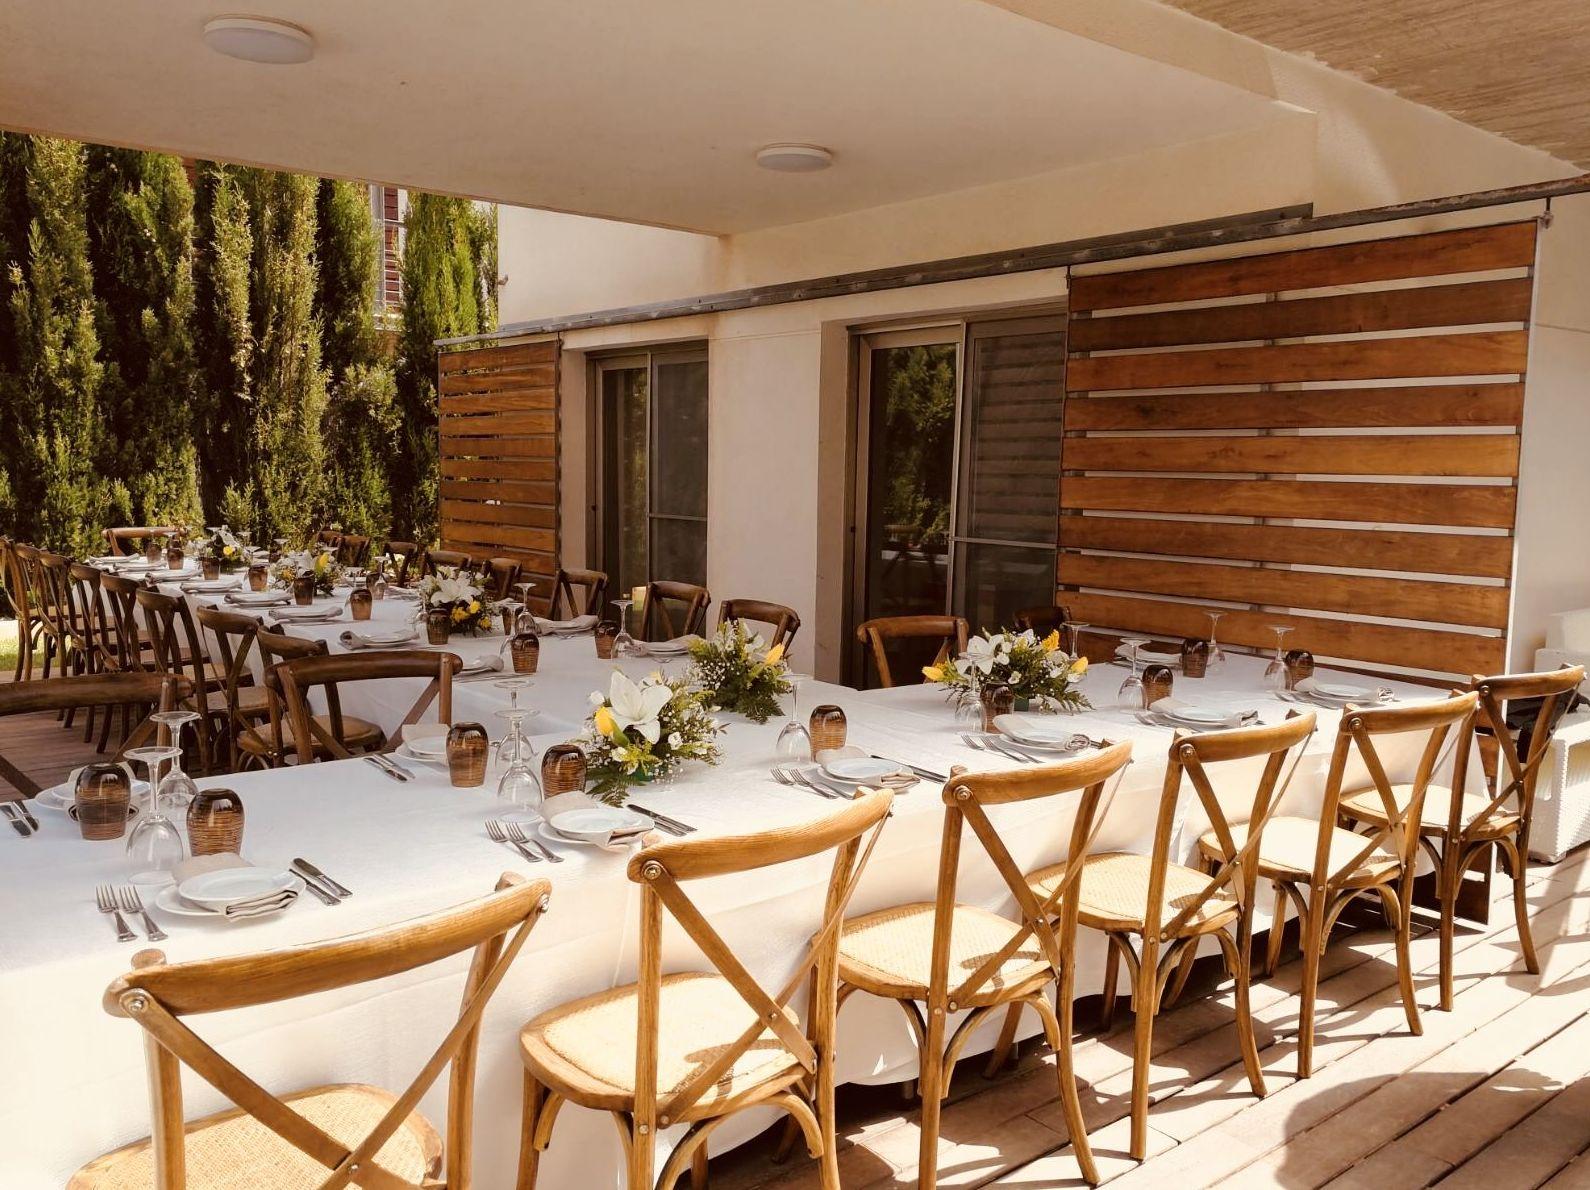 Foto 8 de Alquiler de sillas, mesas y menaje en El Palmar | Mantelería & Menaje